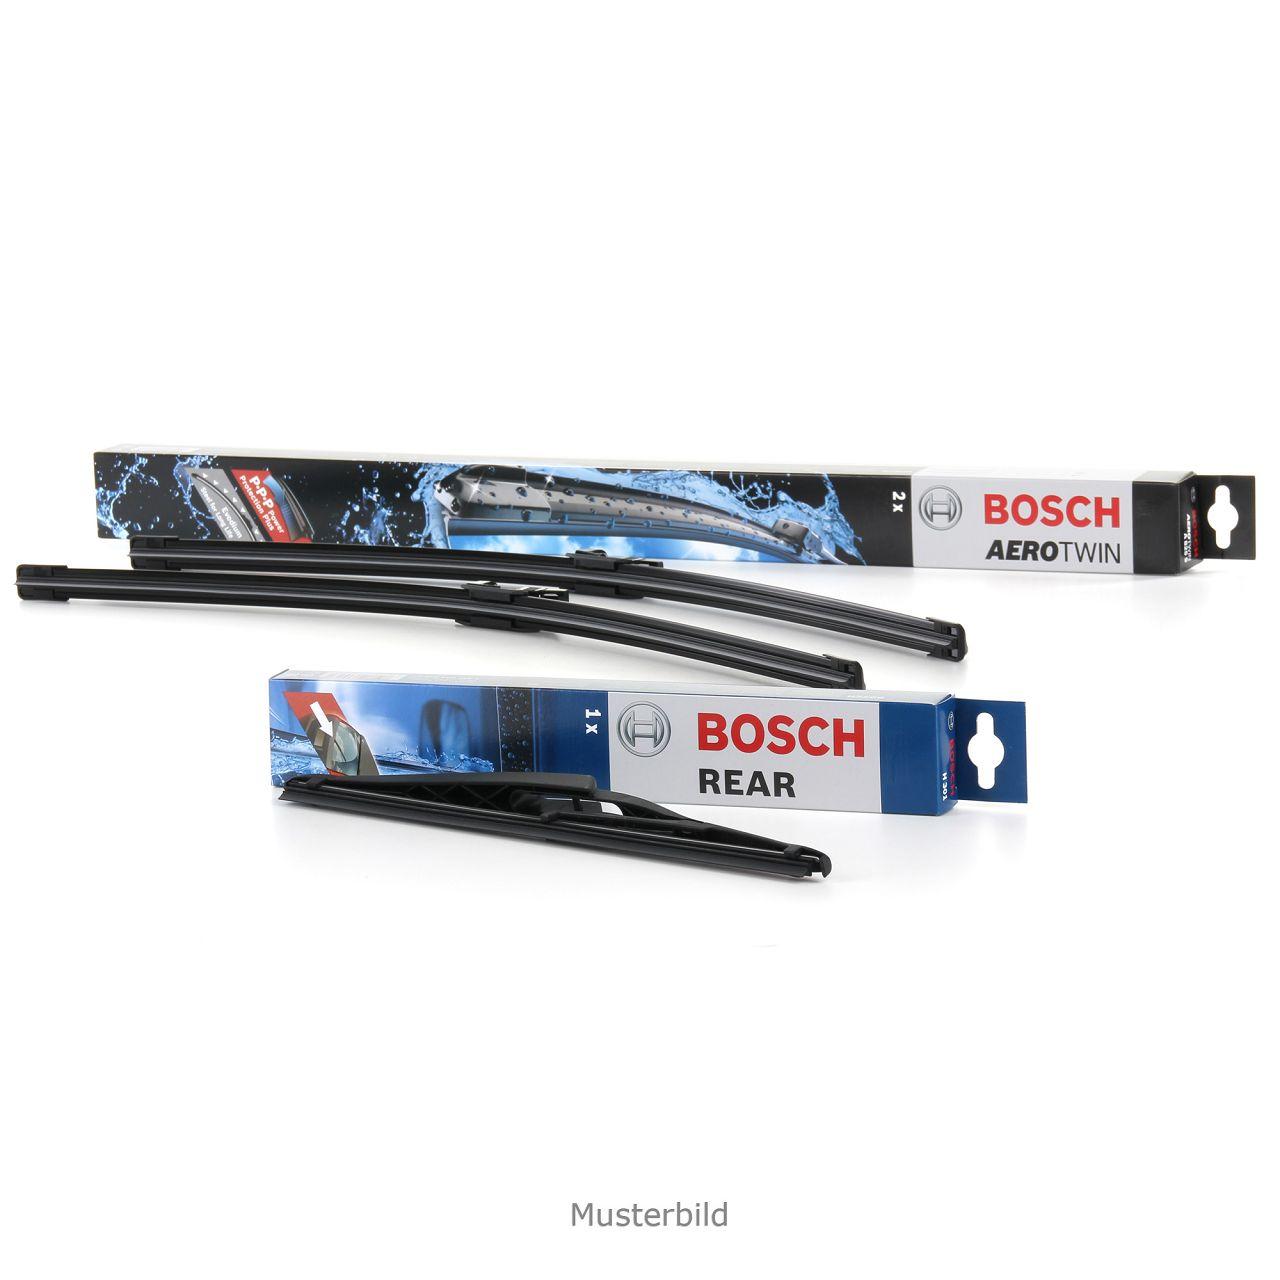 BOSCH A825S + H301 Scheibenwischer MERCEDES E-Klasse T-Model S212 vorne + hinten